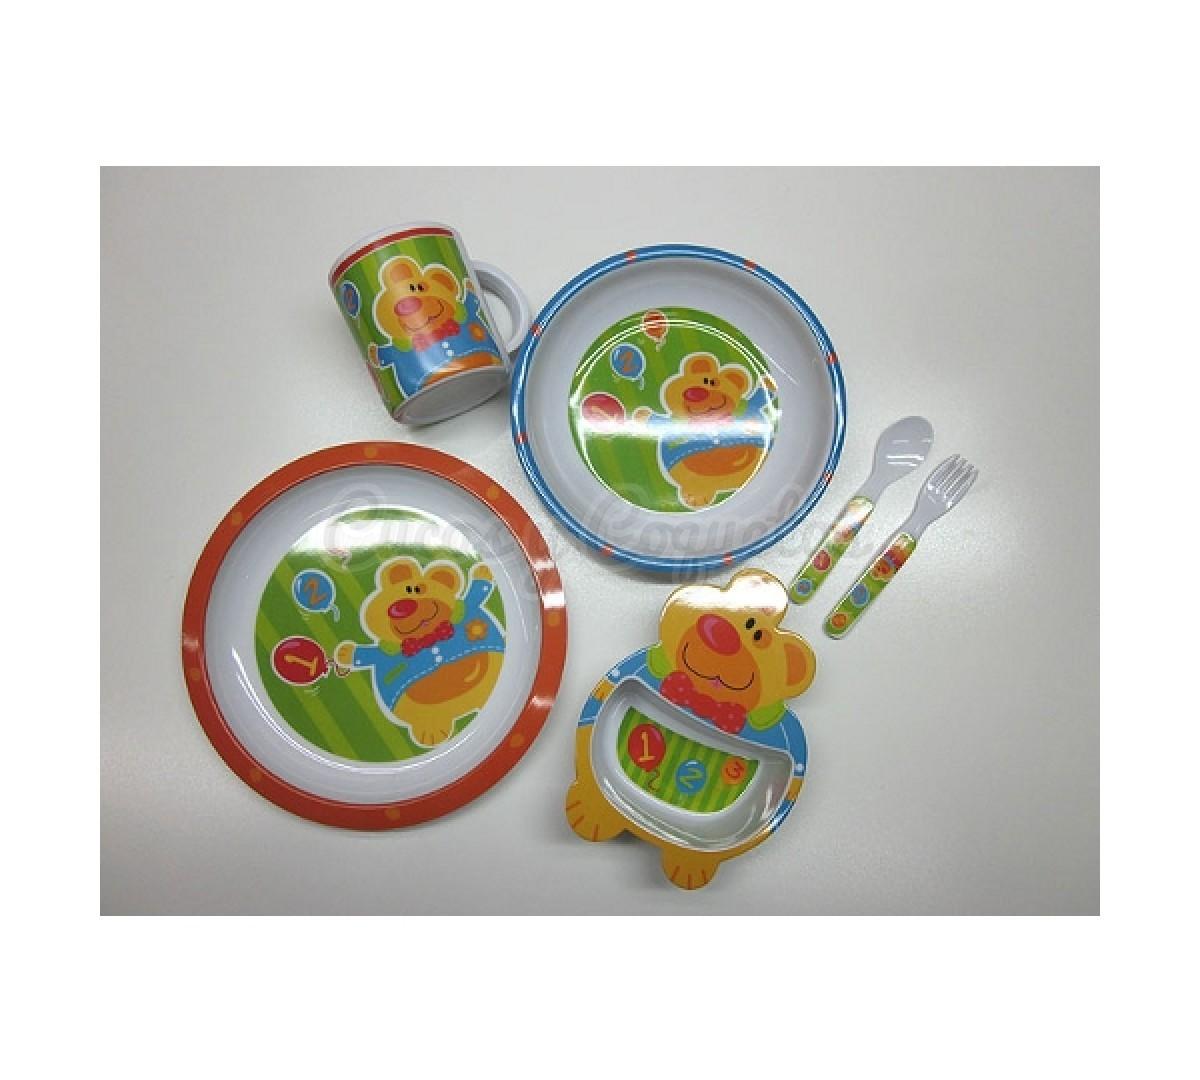 Vajilla 6 piezas osito regalos para beb s canastillas for Vajillas bebe personalizadas